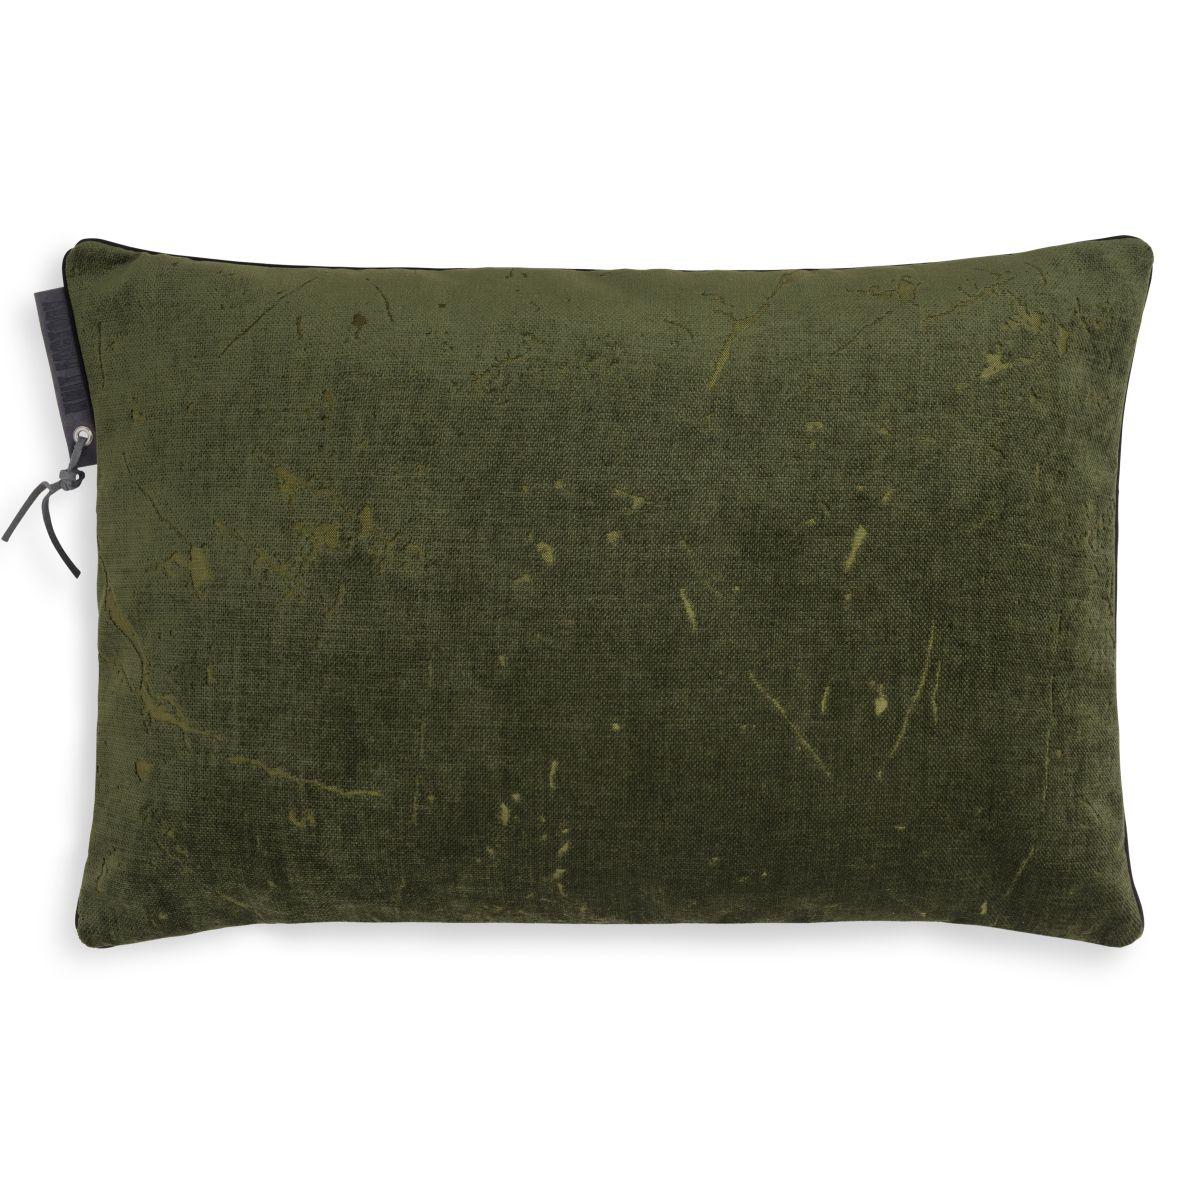 james cushion green 60x40